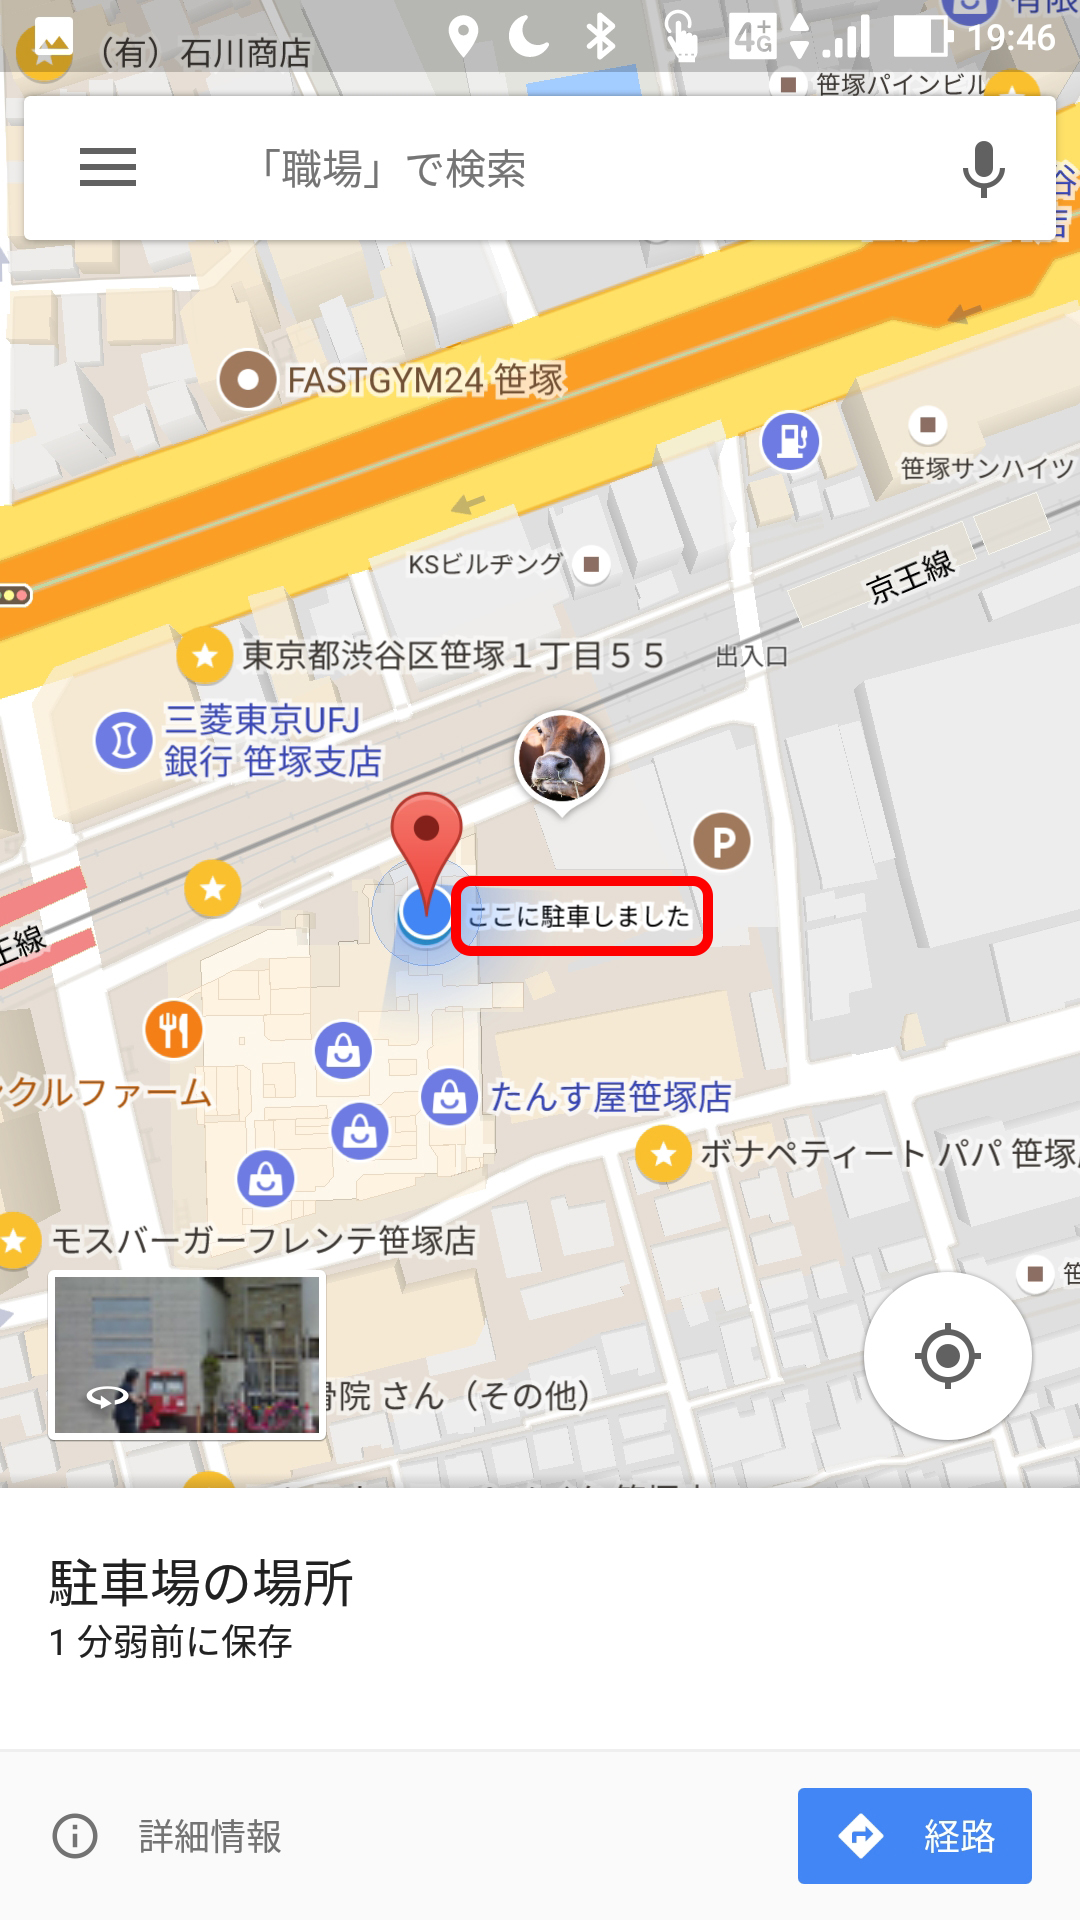 どこに駐車したか地図上に記載されます